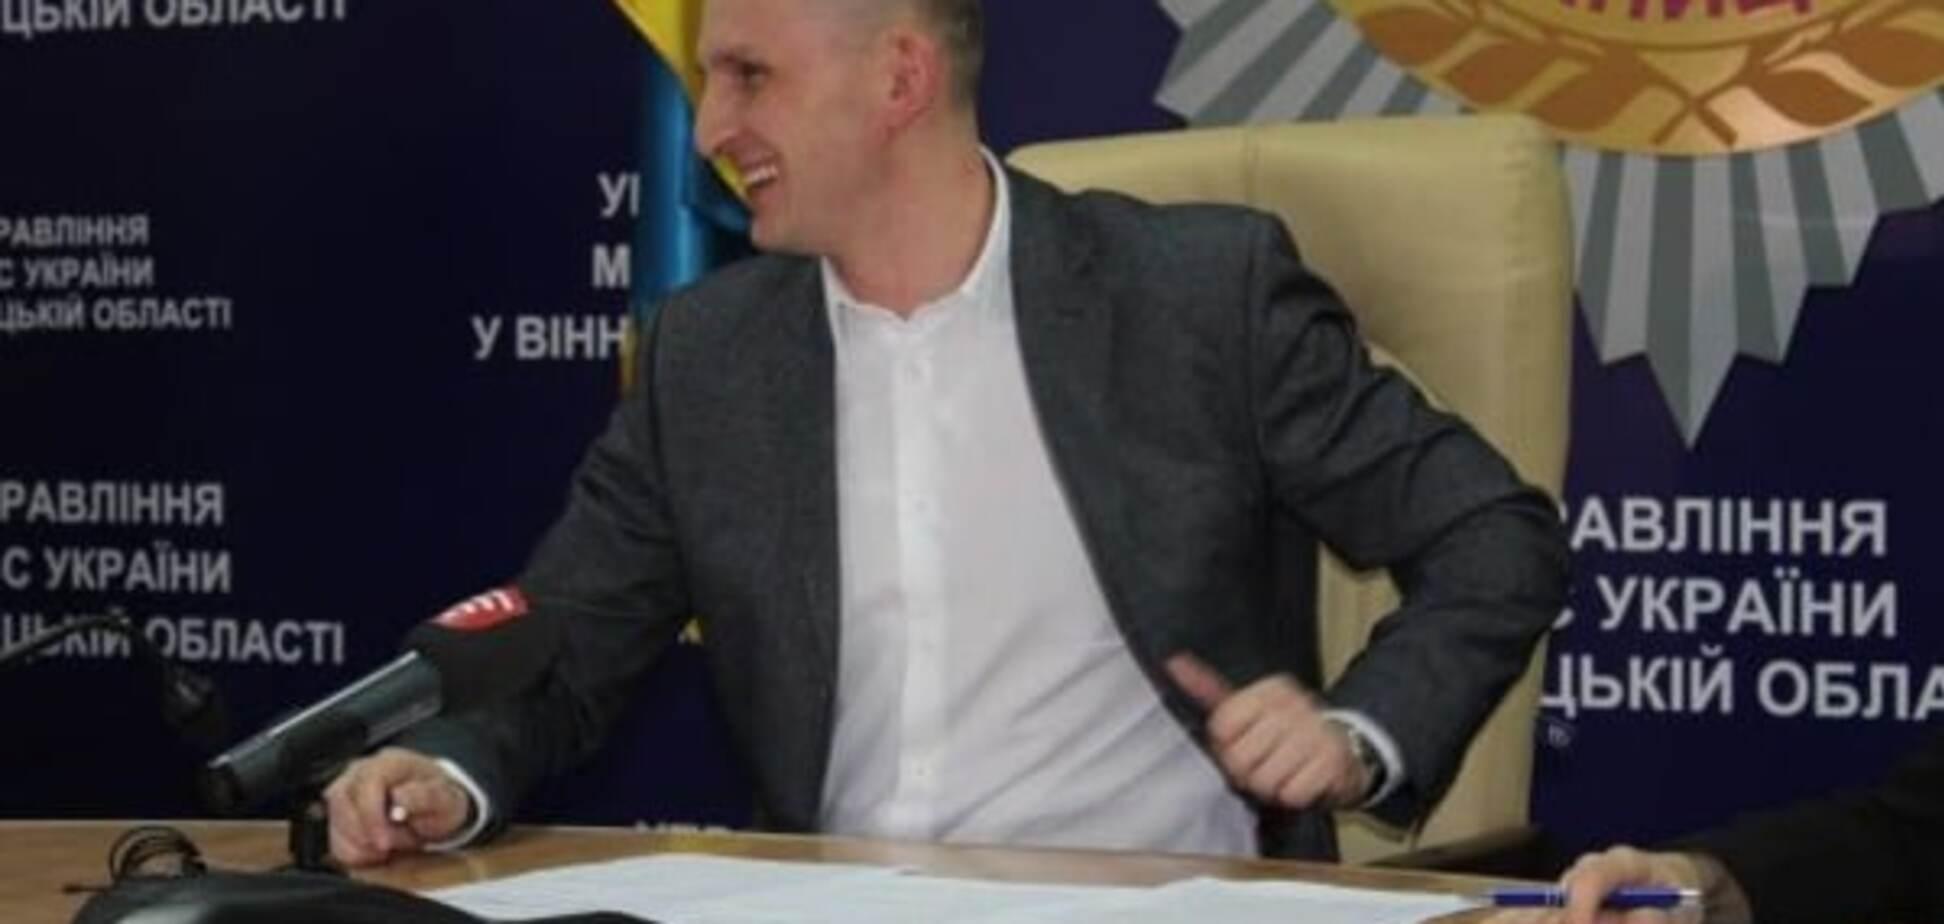 Все в порядке: в Нацполиции объяснили 'пророссийские' фото главного копа Винниччины